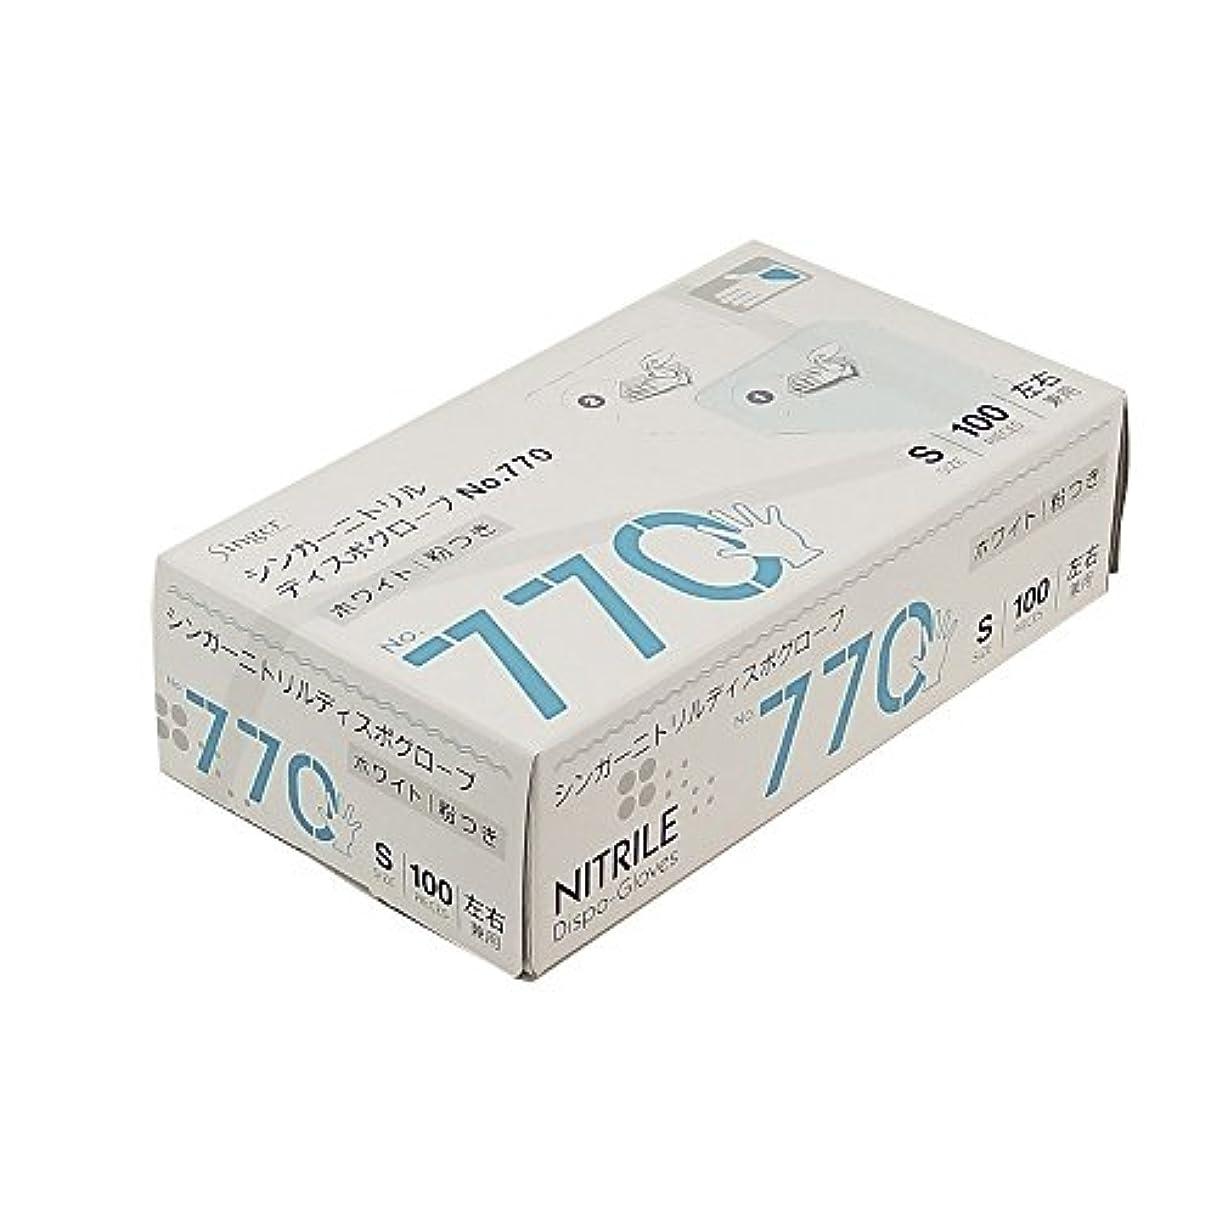 間接的告発者パール宇都宮製作 ディスポ手袋 シンガーニトリルディスポグローブ No.770 ホワイト 粉付 100枚入  S